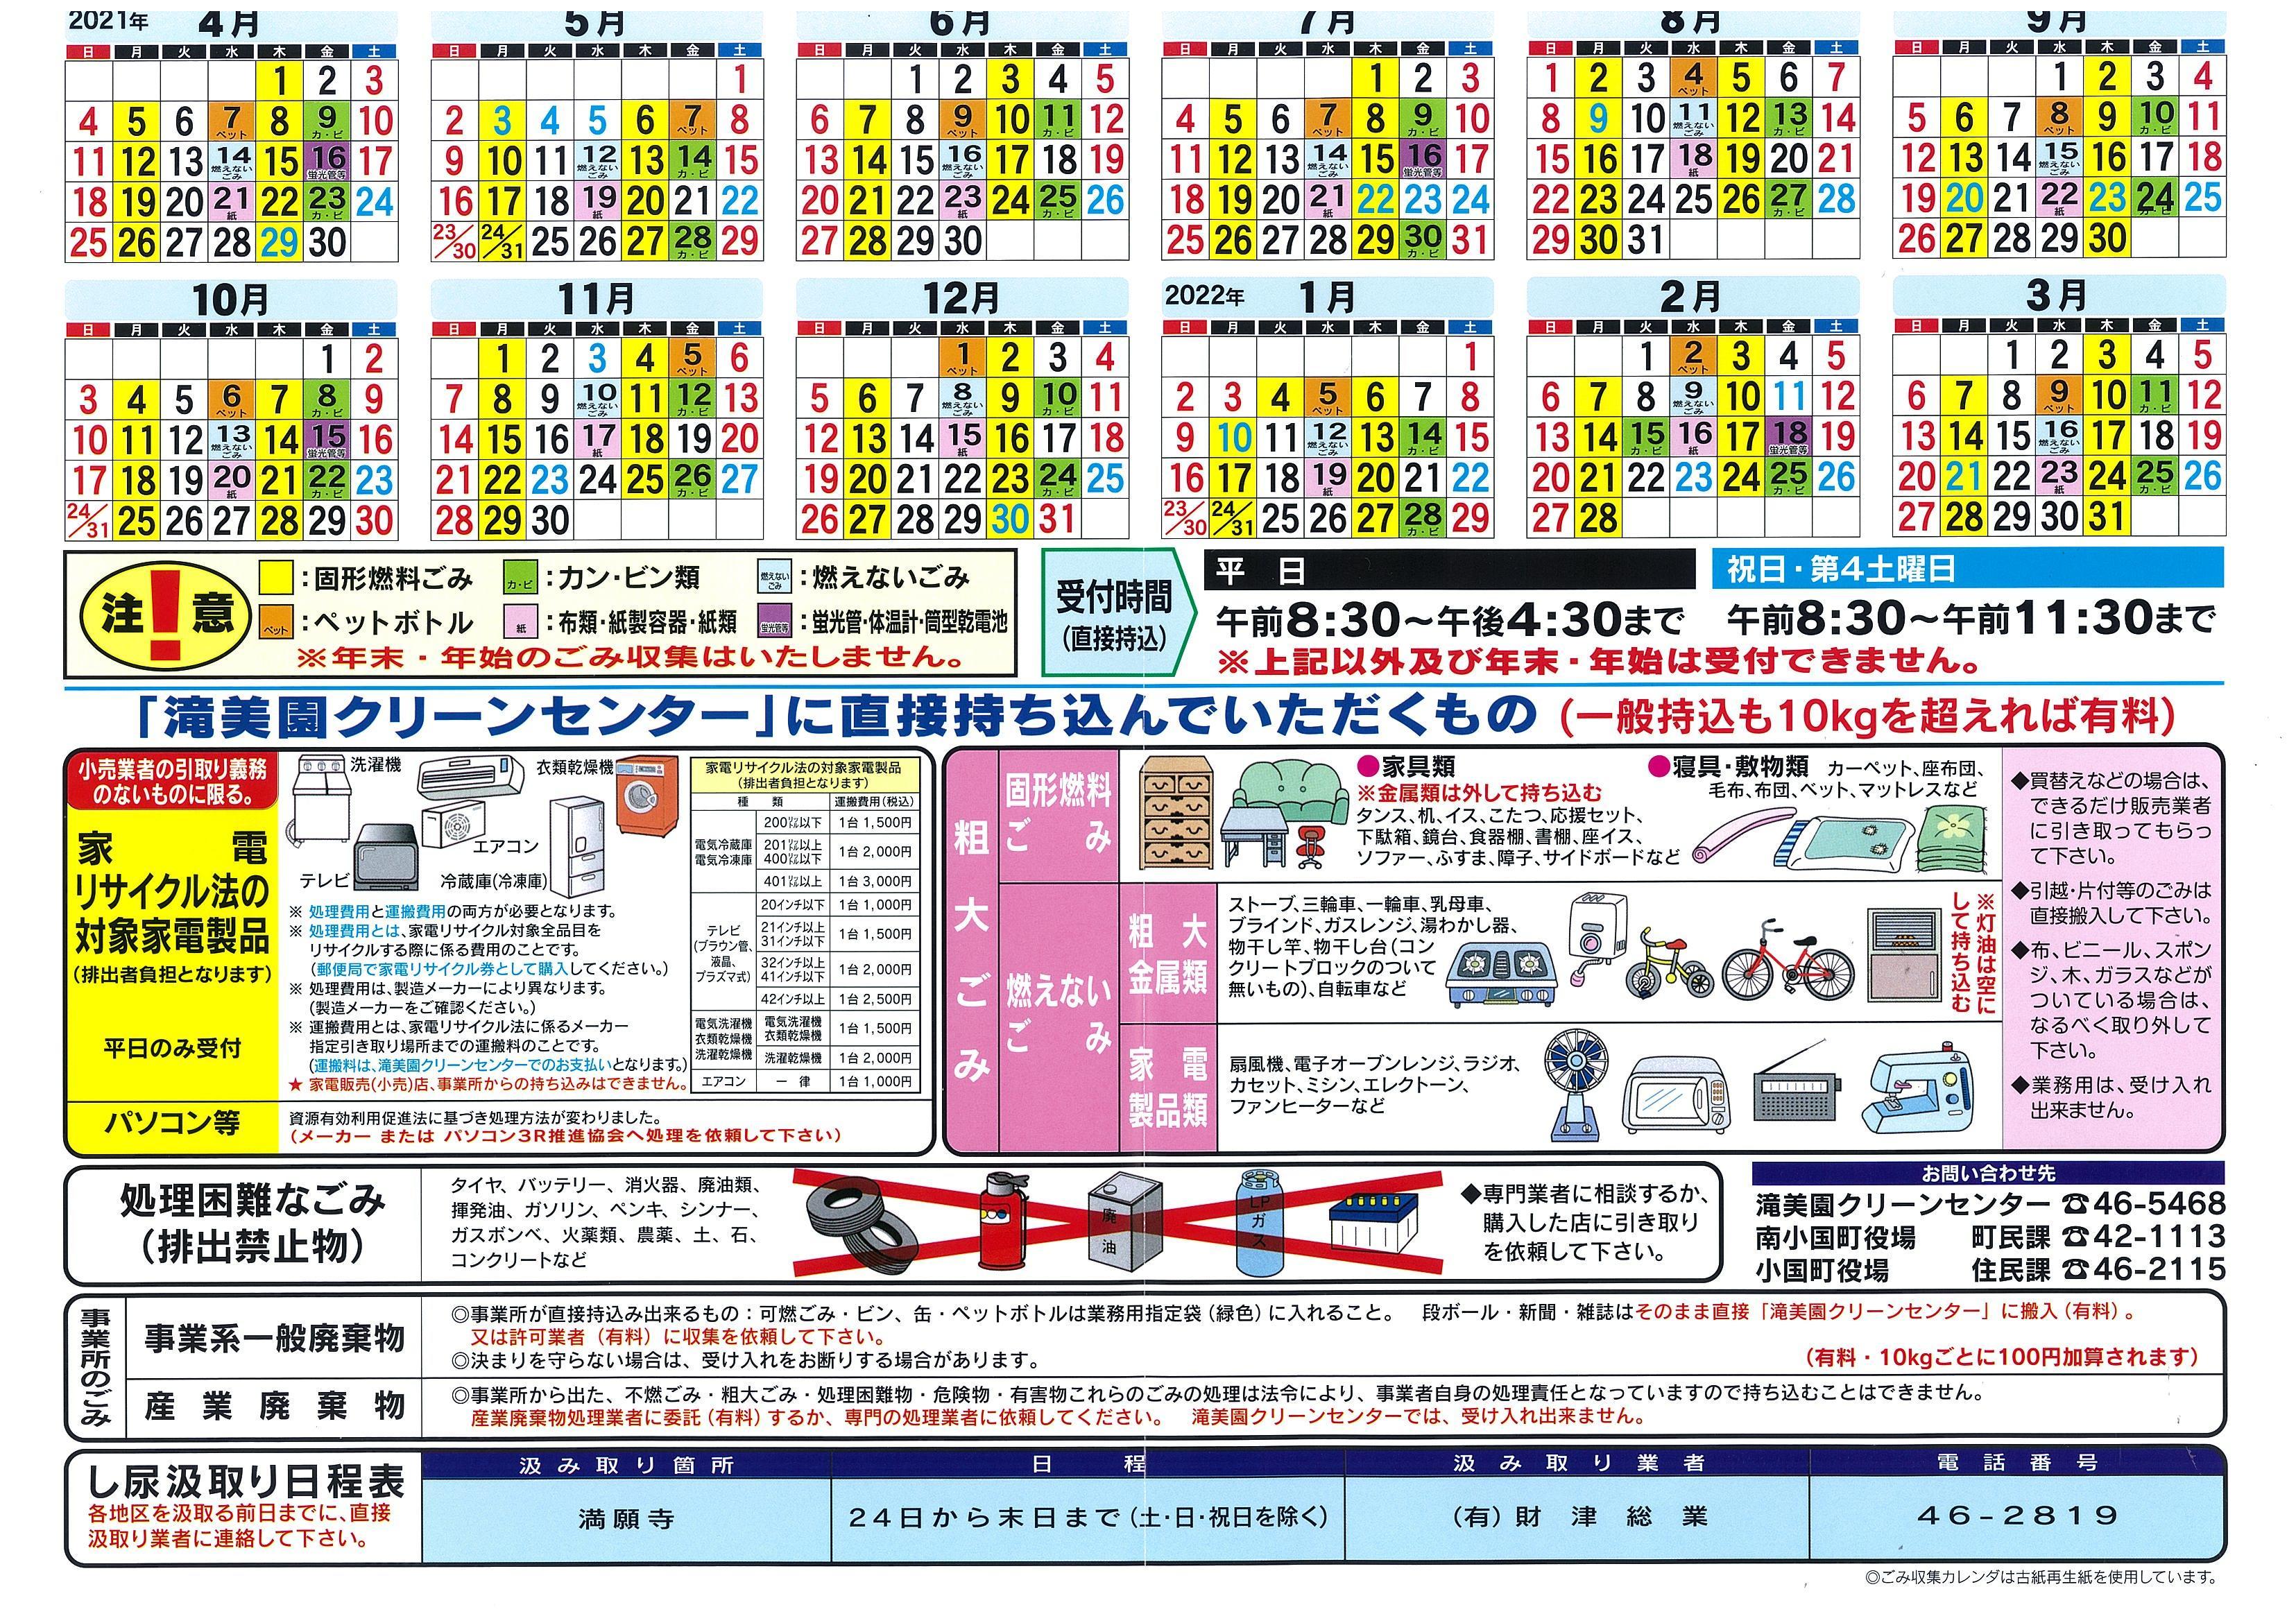 20211020111053-0001.jpg